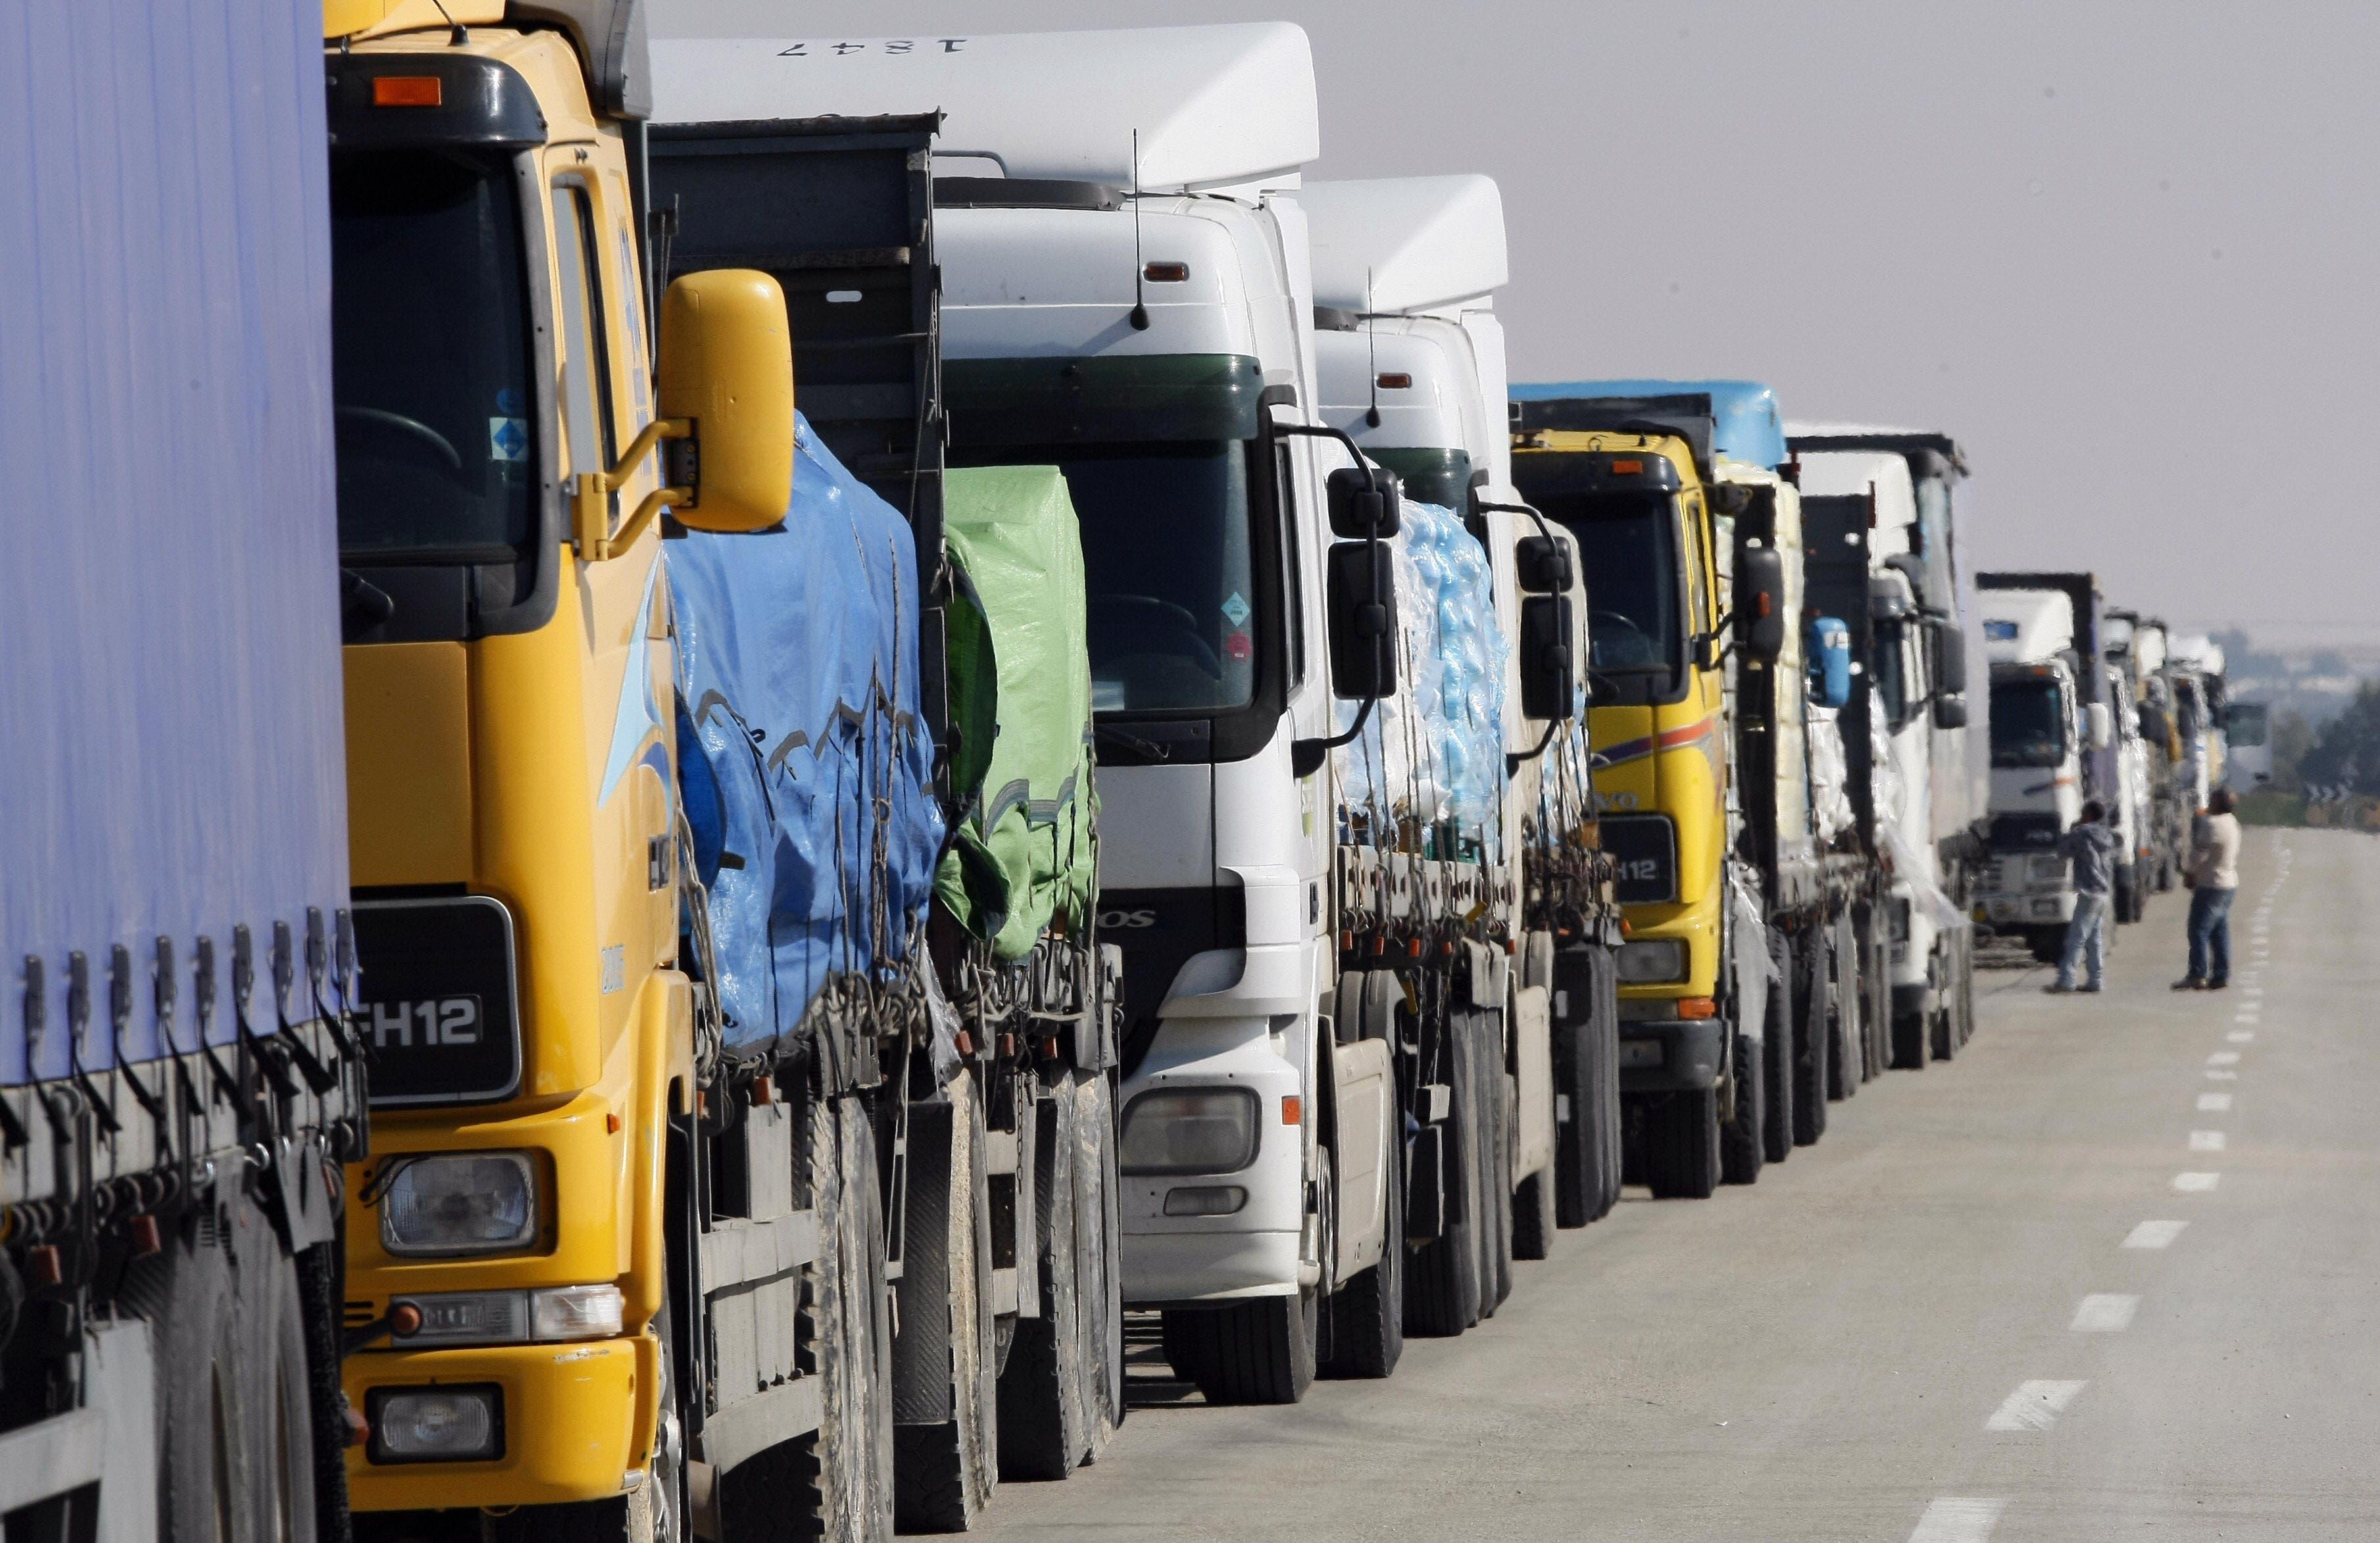 ناقلات شحن تهريب السعودية نقل بري تصدير